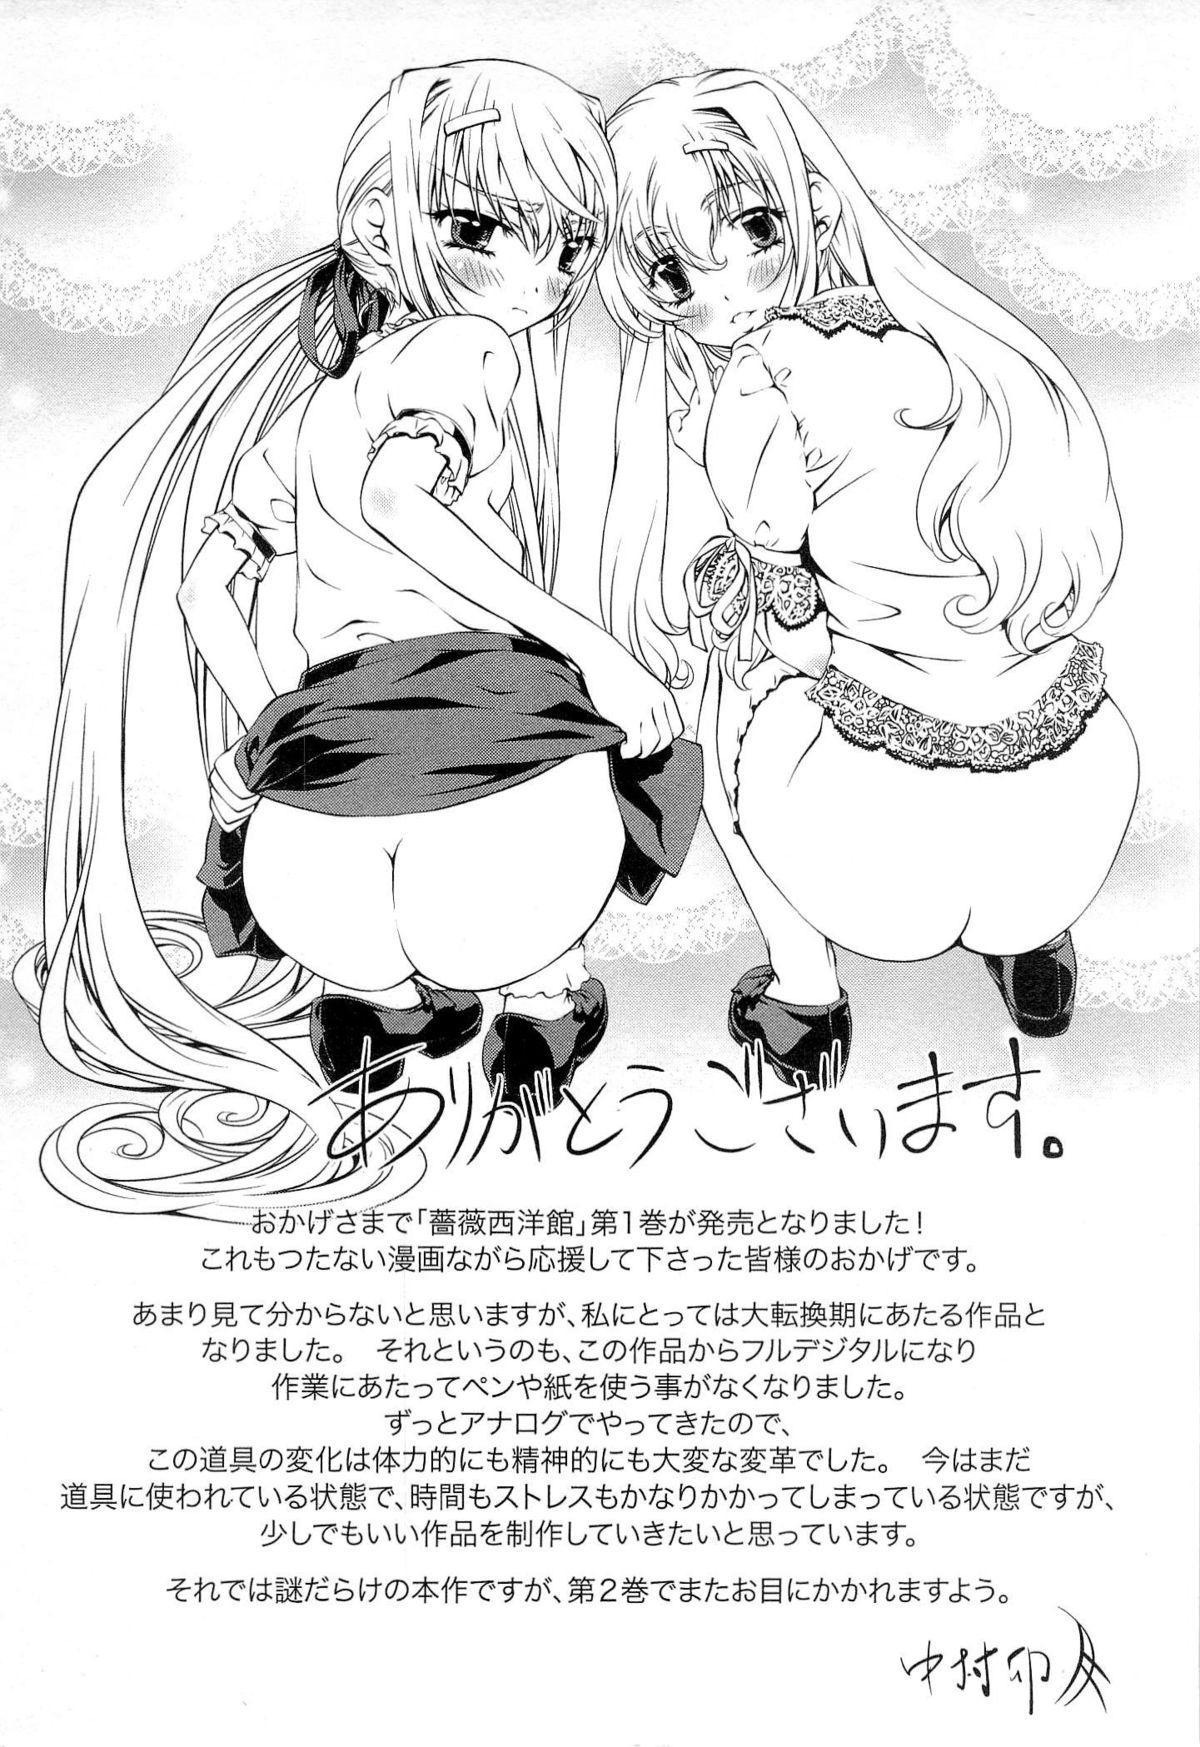 Bara Seiyoukan v.01 ch06 - 08 58